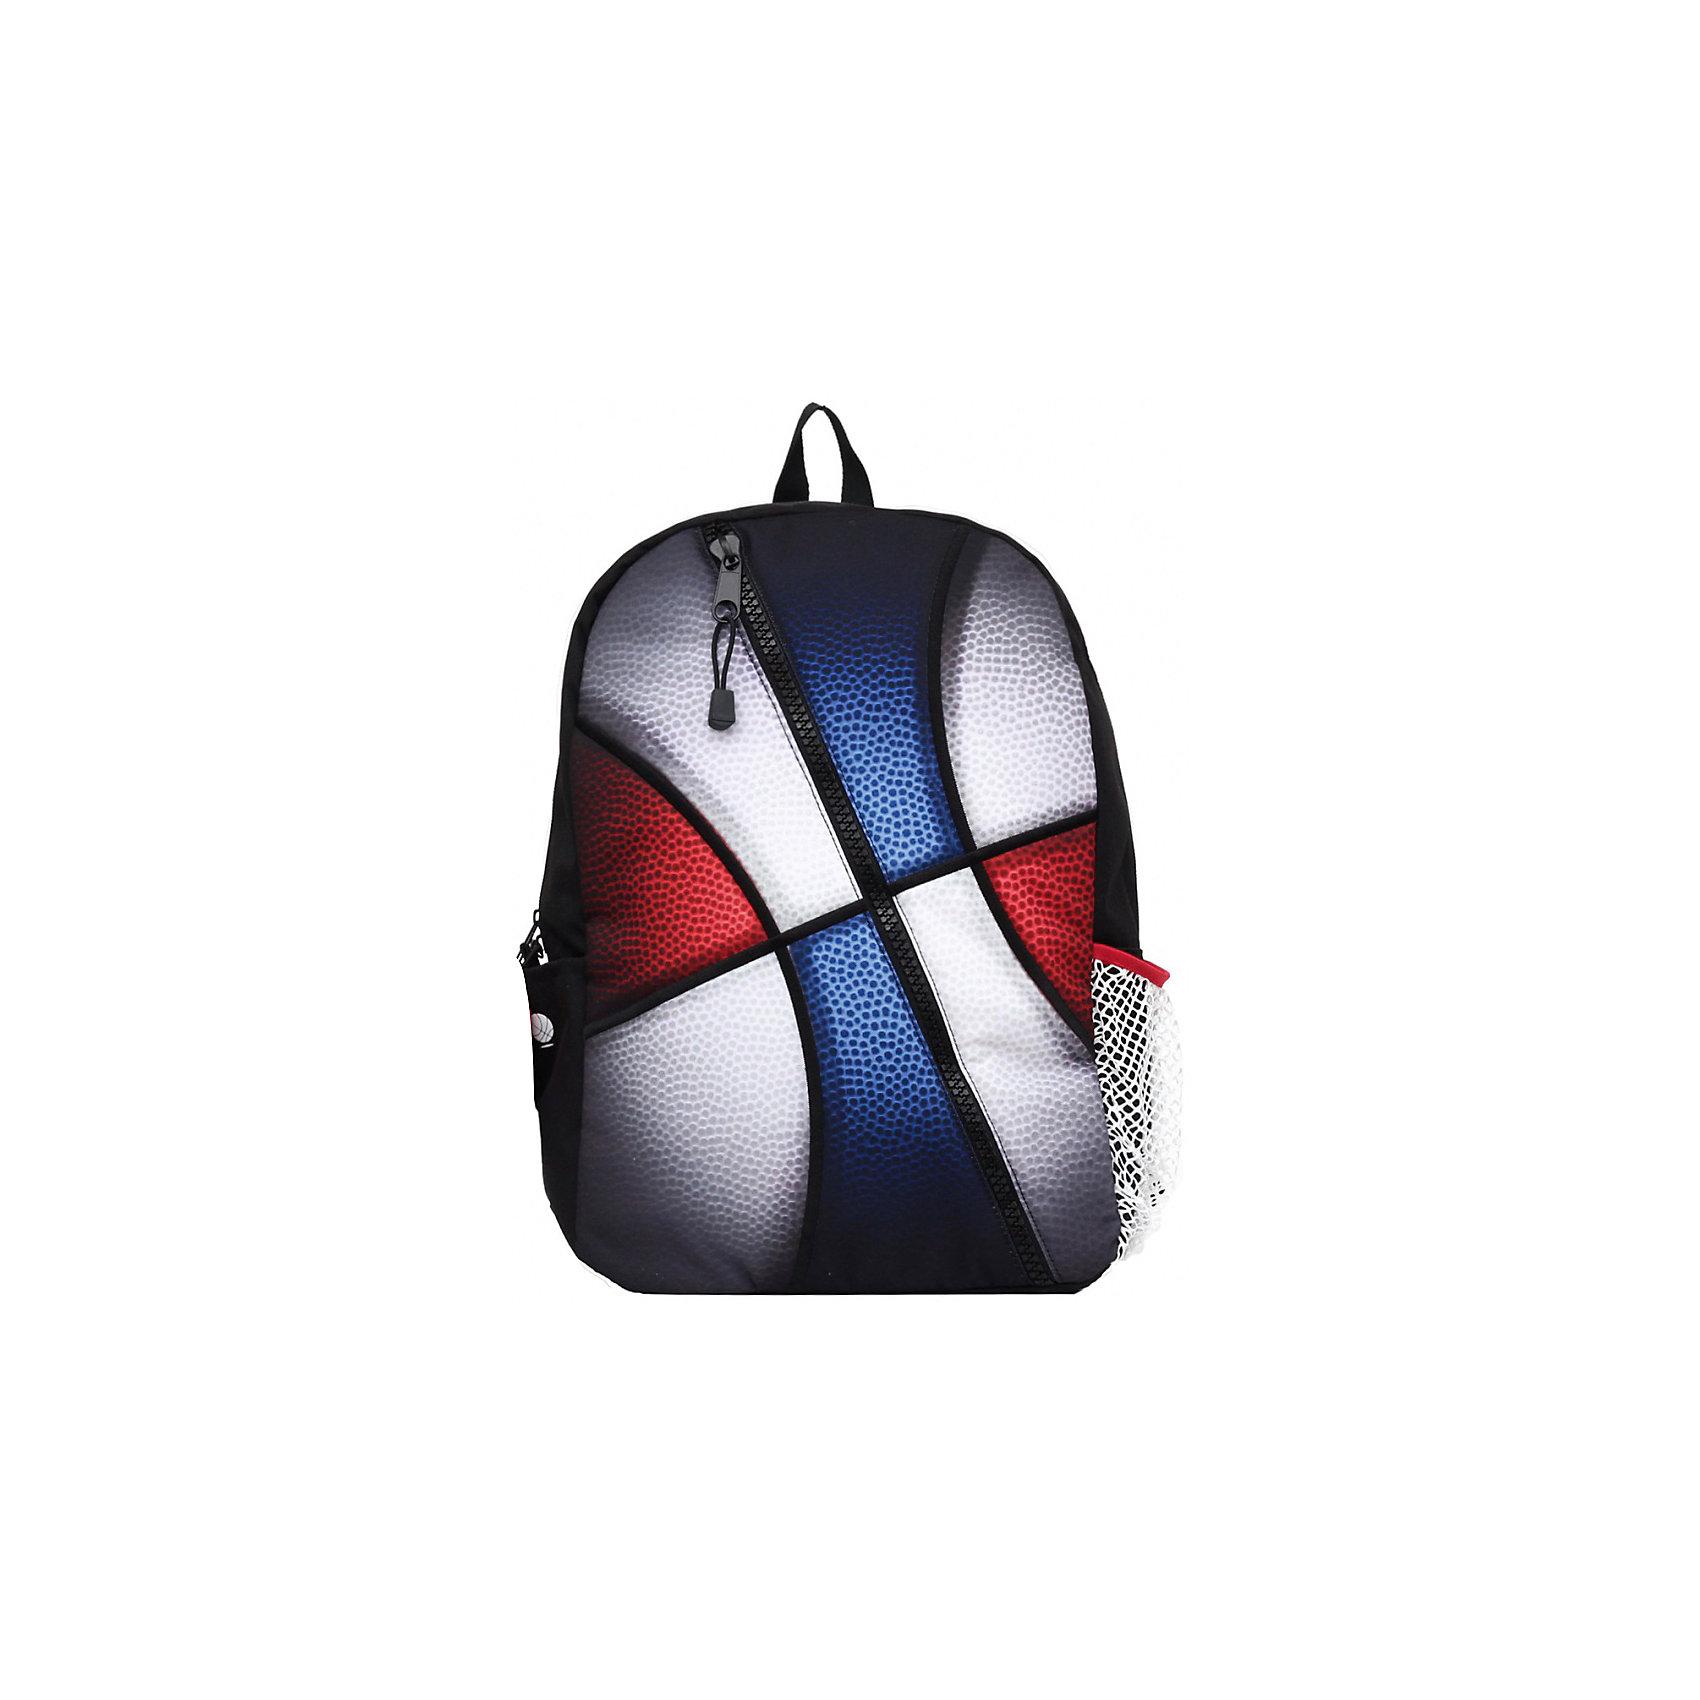 Рюкзак Sport, цвет мультиЭтот стильный рюкзак от Mojo прекрасно сочетает в себе черты спорта и динамичного городского стиля. Расцветка и внешний вид рюкзака в виде мяча смотрится очень броско, стильно и оригинально.<br><br>Ширина мм: 43<br>Глубина мм: 30<br>Высота мм: 16<br>Вес г: 700<br>Возраст от месяцев: 120<br>Возраст до месяцев: 420<br>Пол: Унисекс<br>Возраст: Детский<br>SKU: 5344344